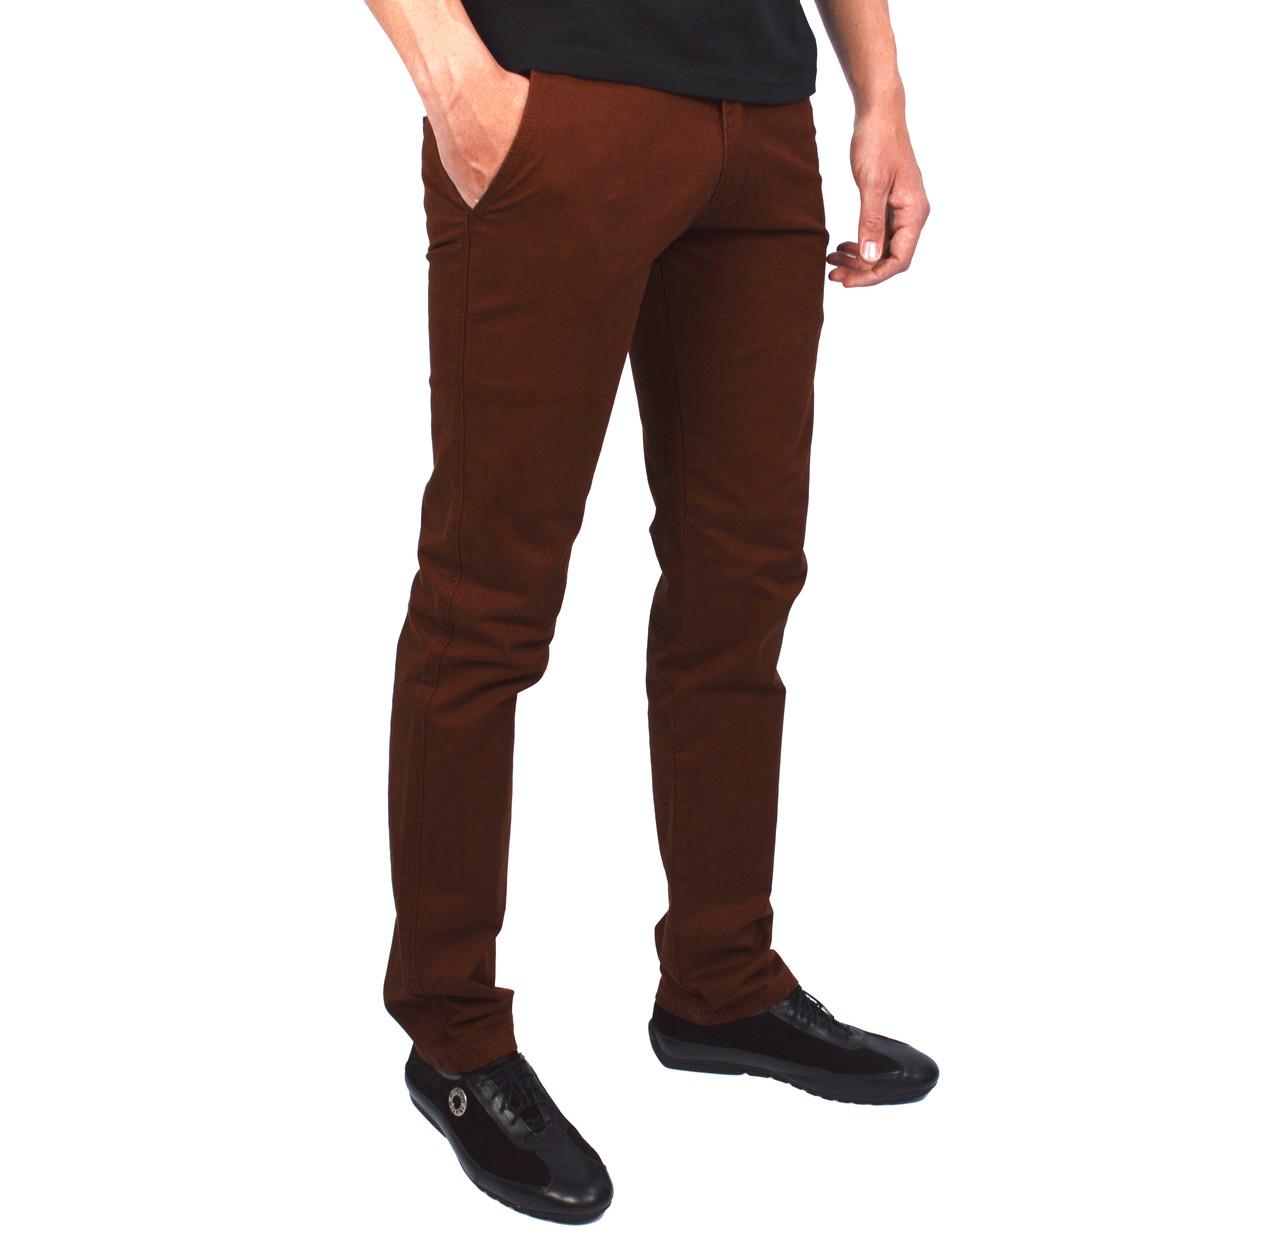 Рыжие однотонные мужские джинсы чинос FORKY